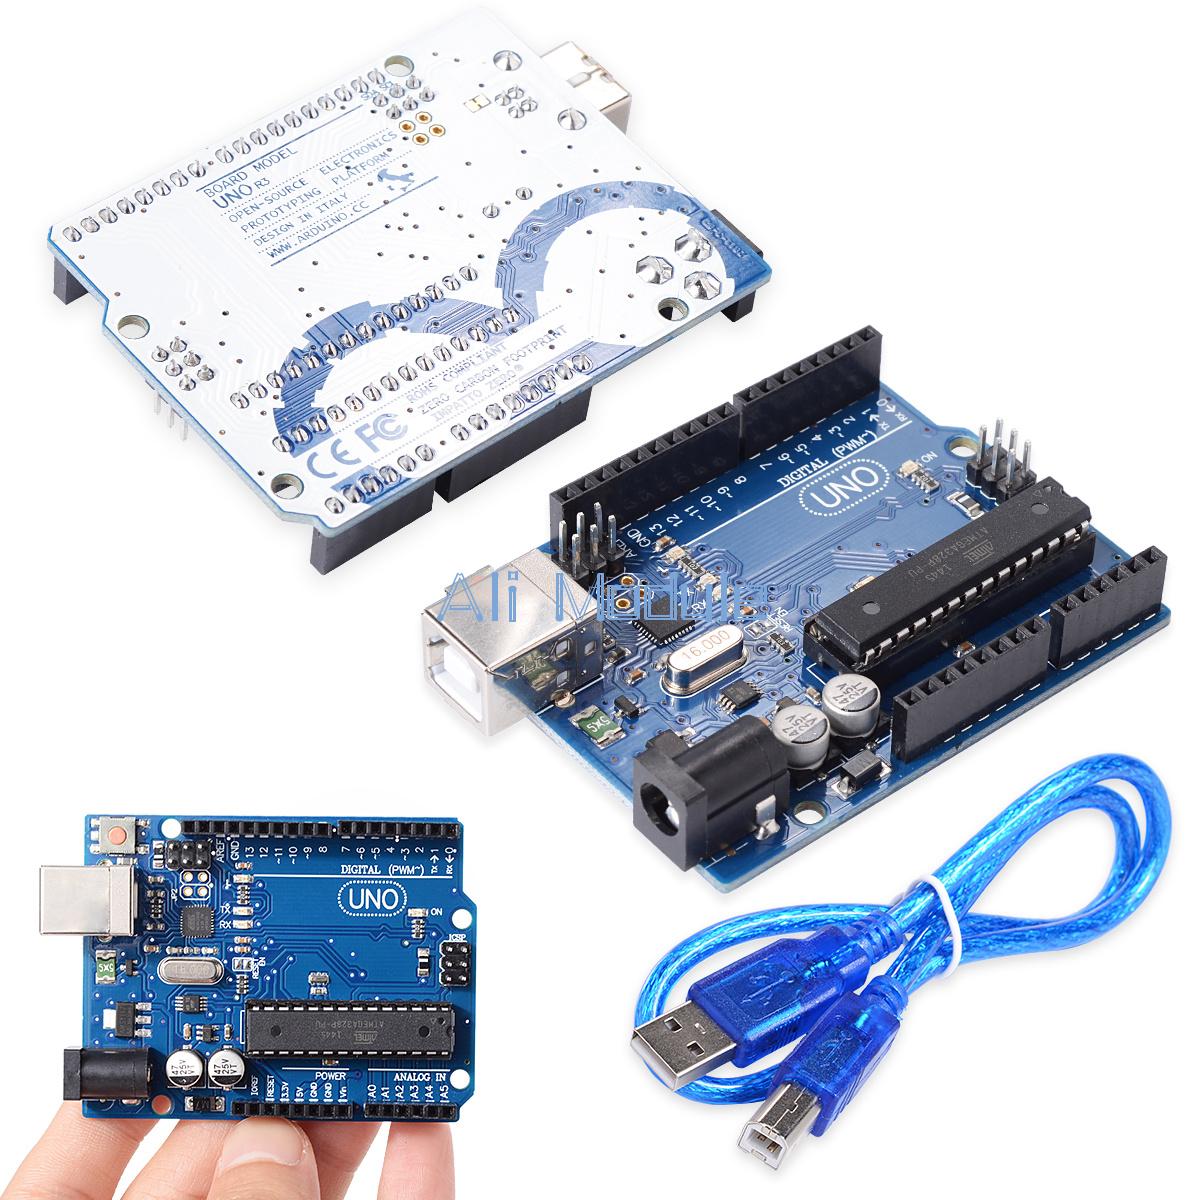 UNO R3 ATmega328P ATMEGA16U2 Board For Arduino Compatible ...